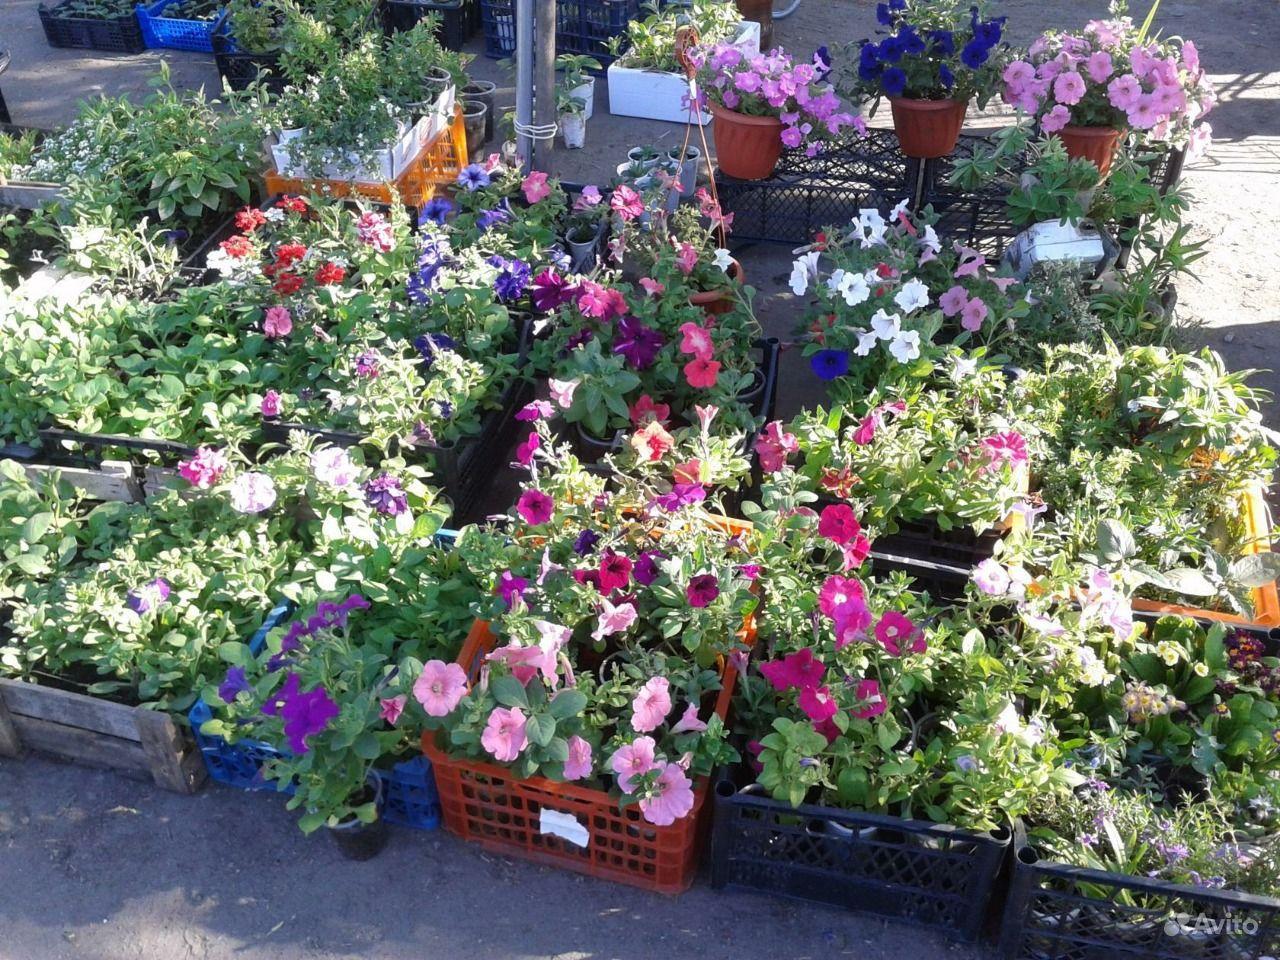 рассаду овощей и цветов купить в ...: https://www.avito.ru/barnaul/rasteniya/prodam_rassadu_ovoschey_i...